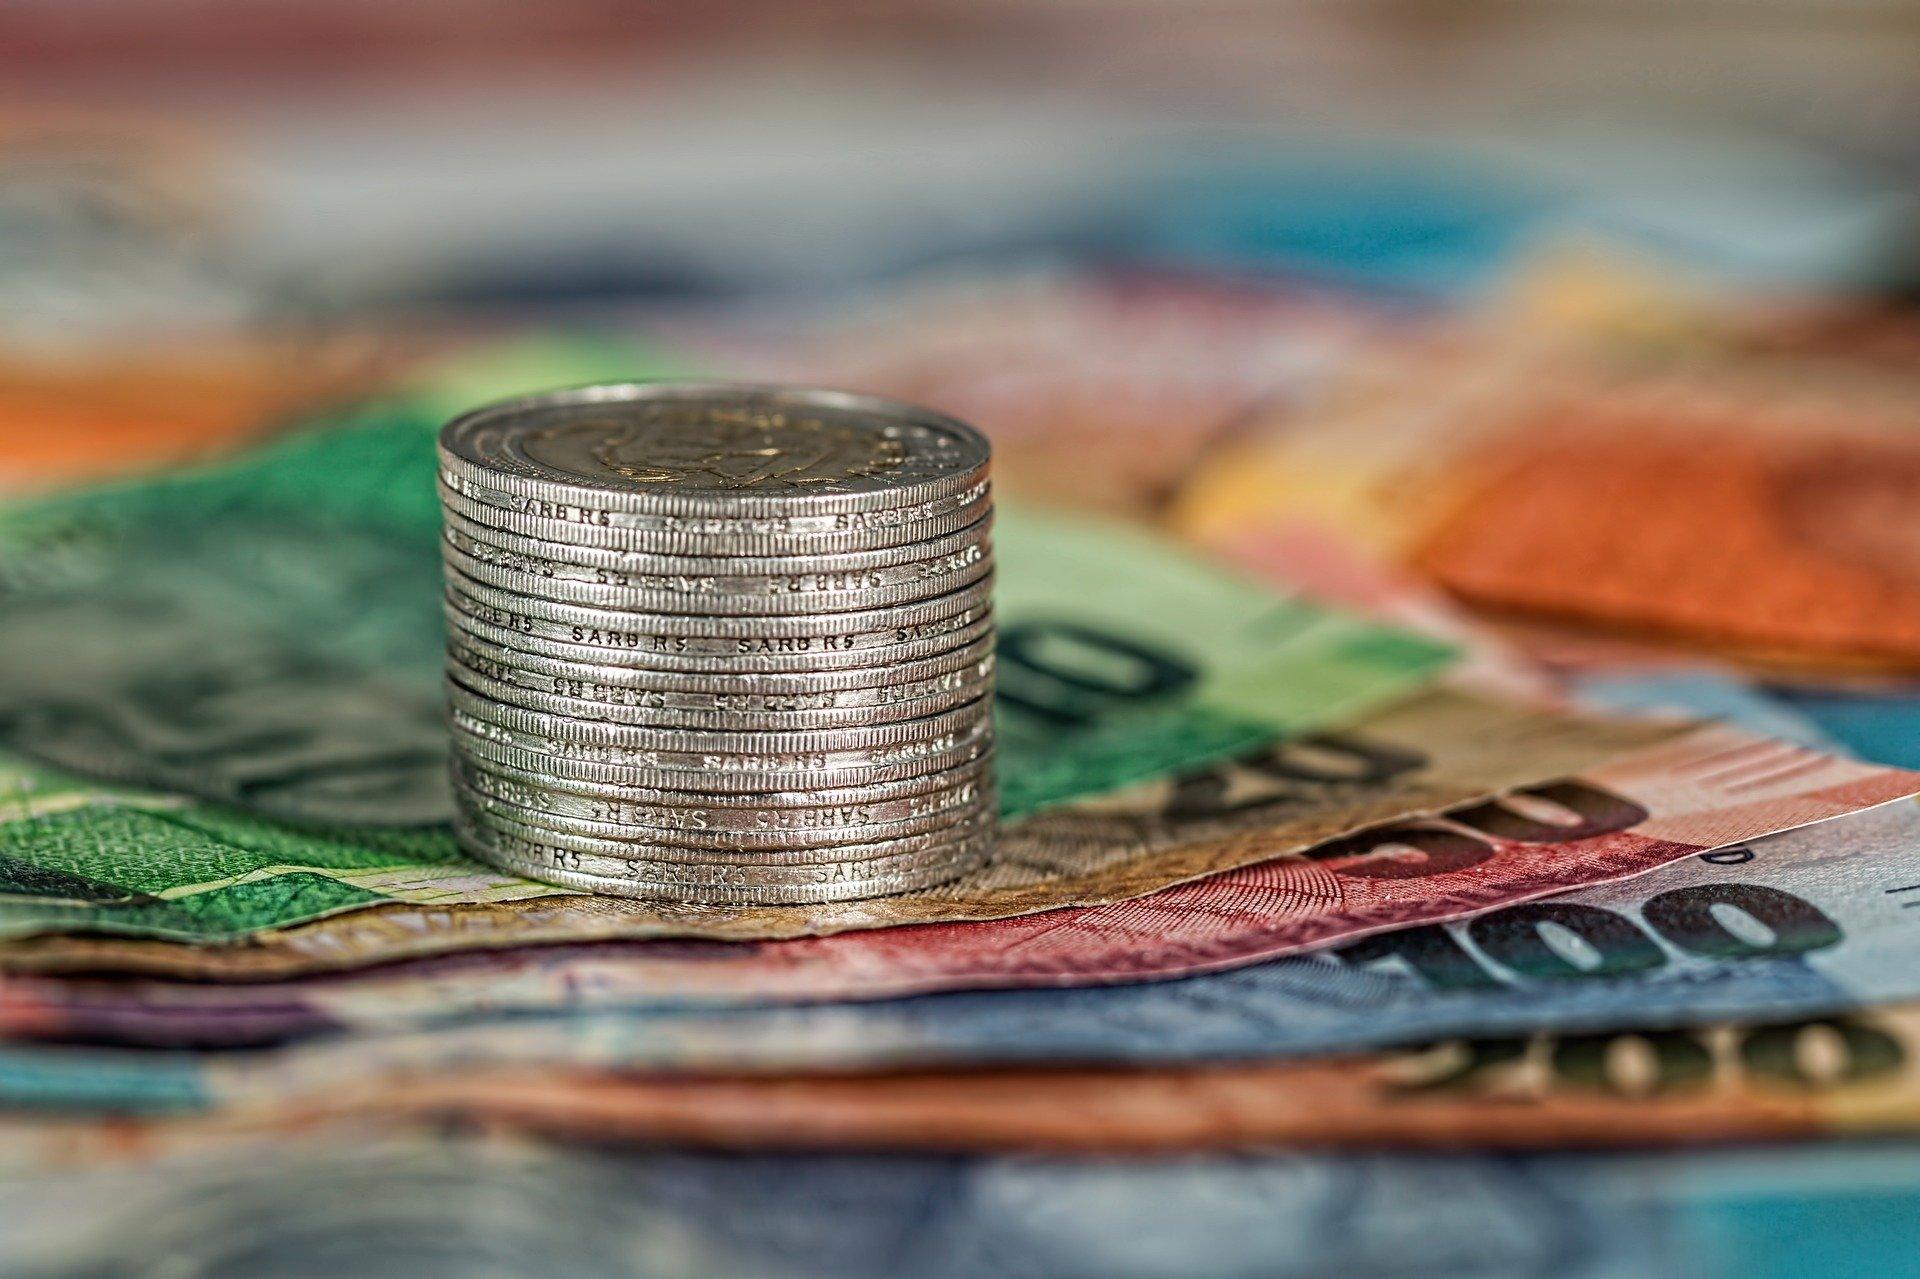 Ein N26 Unterkonto können Sie zum Sparen nutzen.